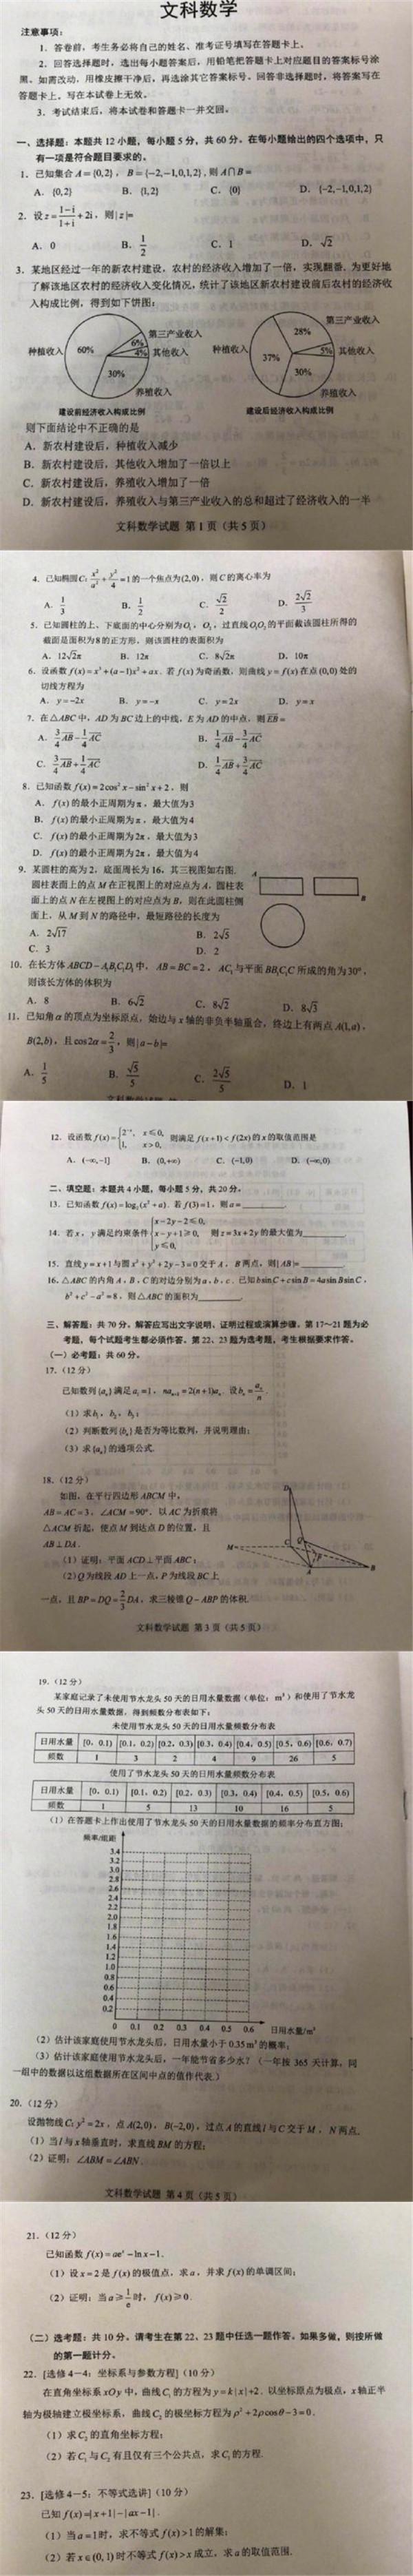 2018安徽高考文科数学试题【图片版】